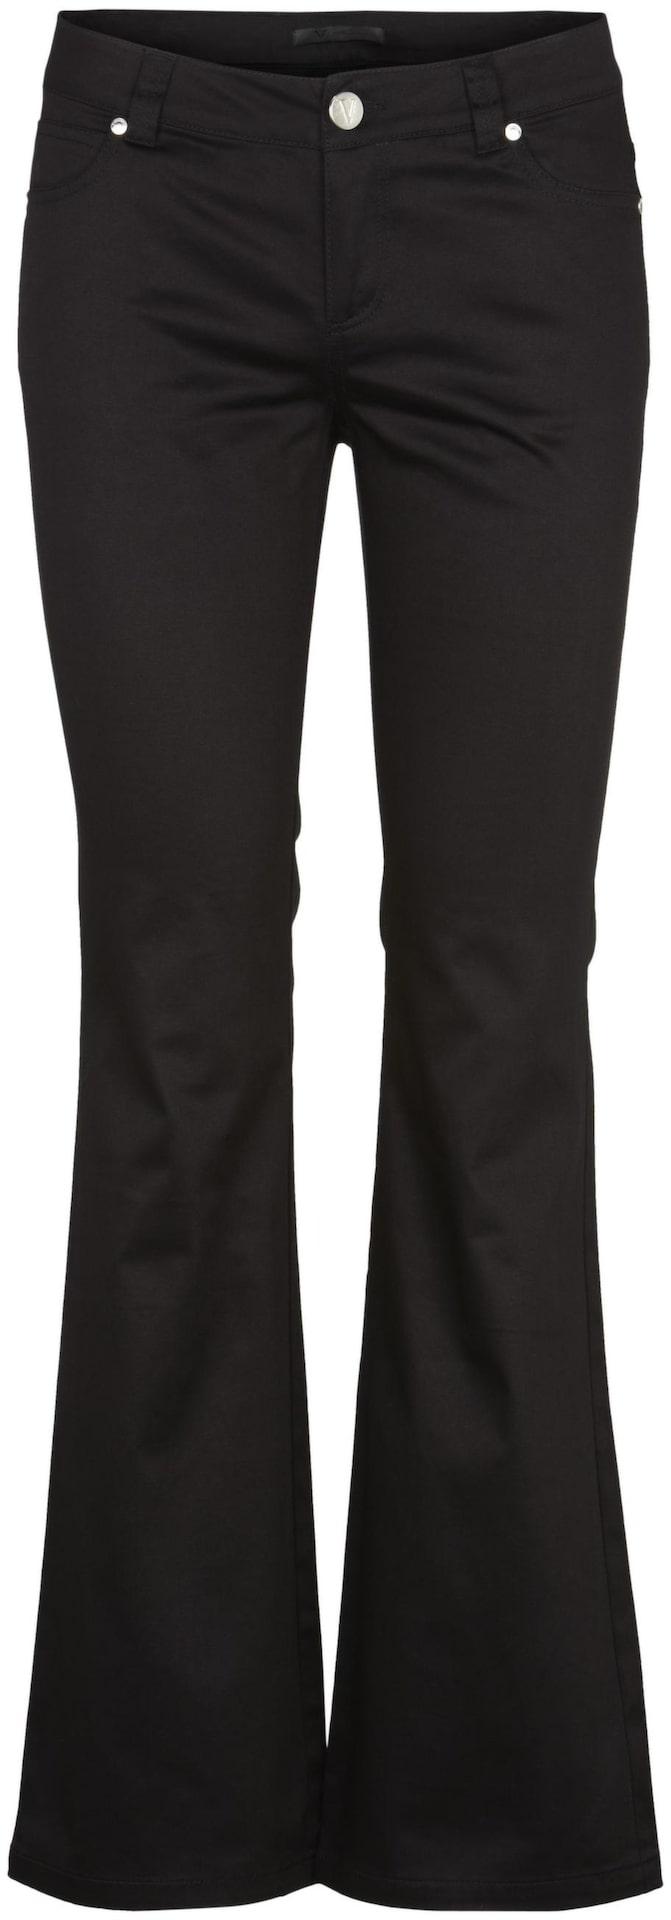 Satsa på mörka vida byxor med lägre midja kombinerat med en fin ljus blus om du vill dra uppmärksamhet från höfterna. De här svarta jeansen kommer från V Collection, 1 399 kronor.